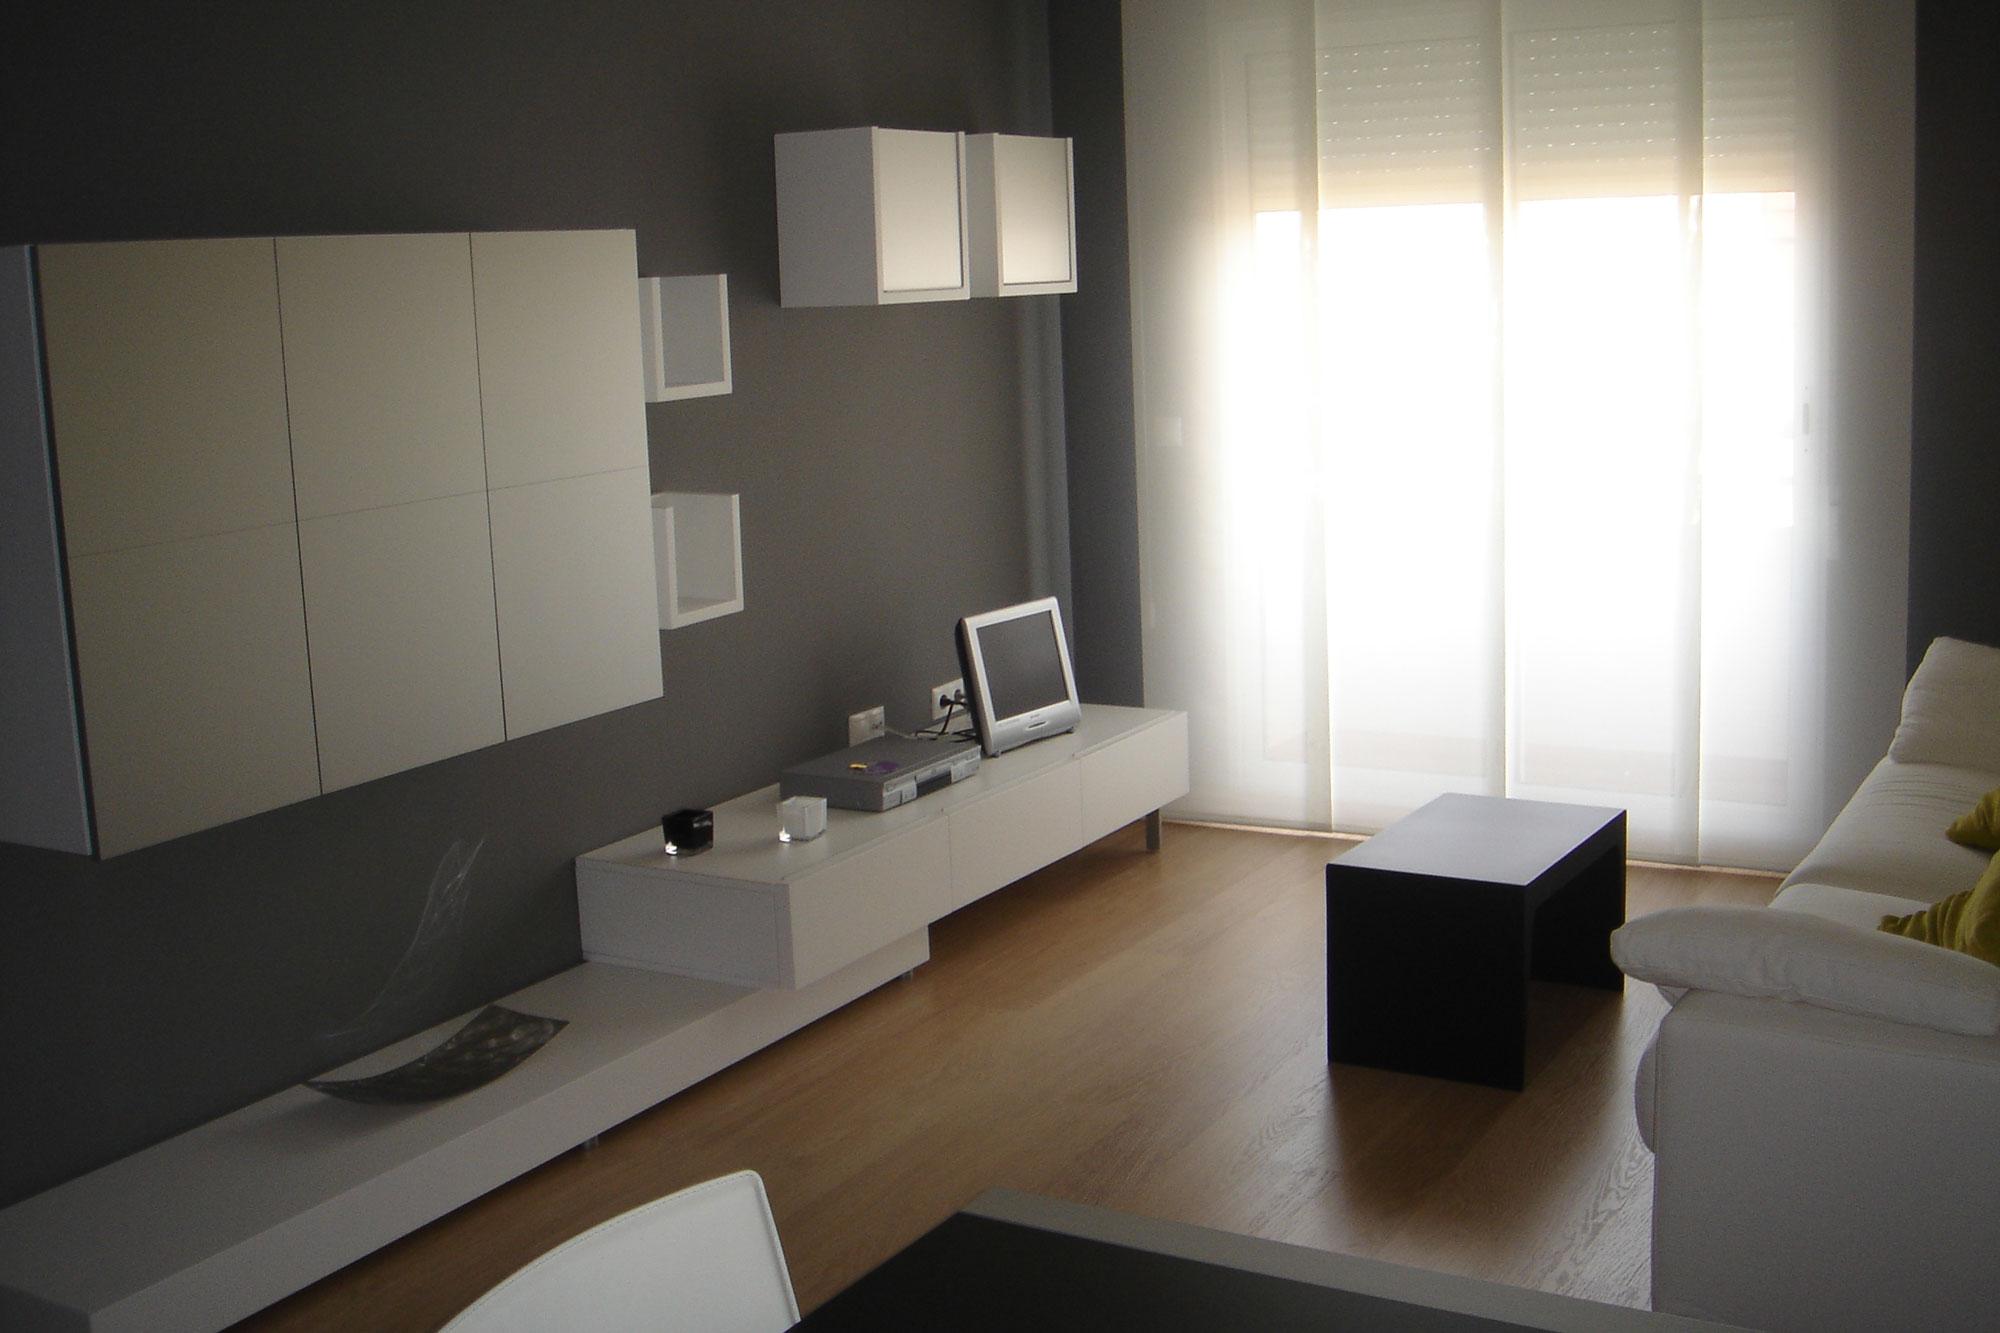 Panel japones cortinaje tecnico y de tela - Panel japones para salon ...